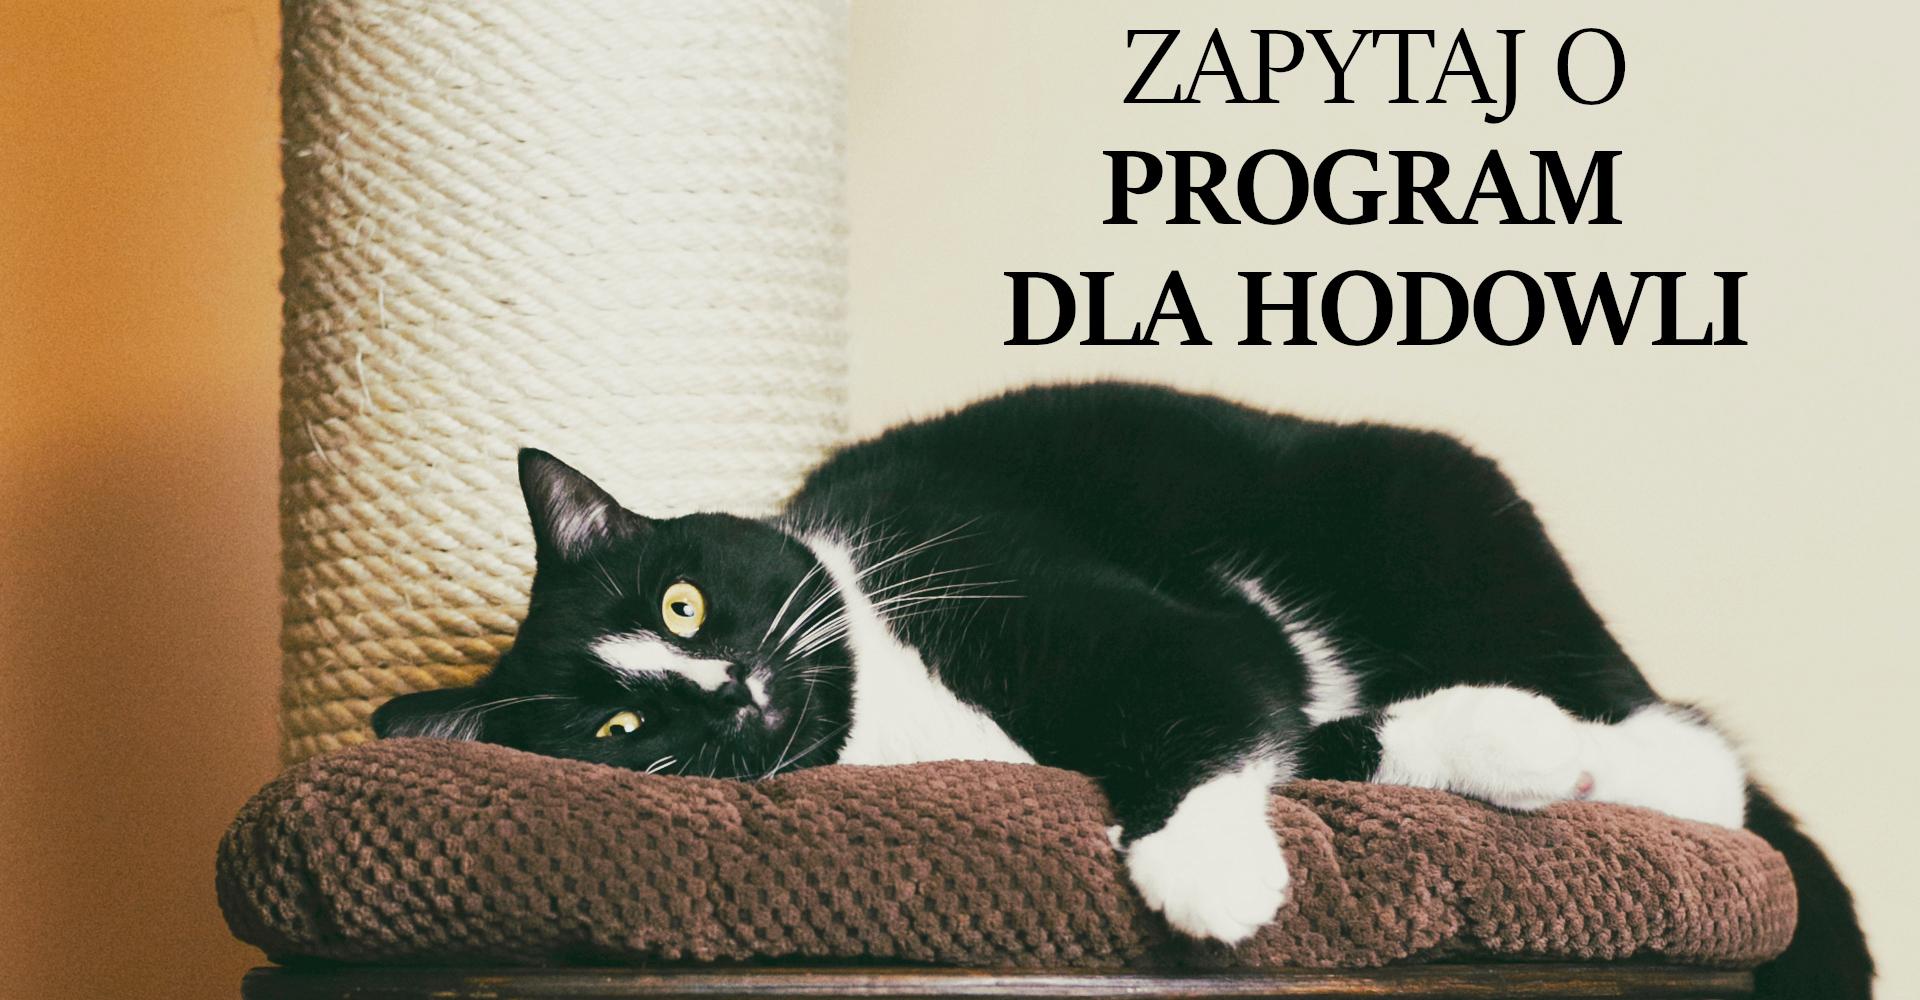 PROGRAM_HODOWLE_BANNER_SKLEP-2